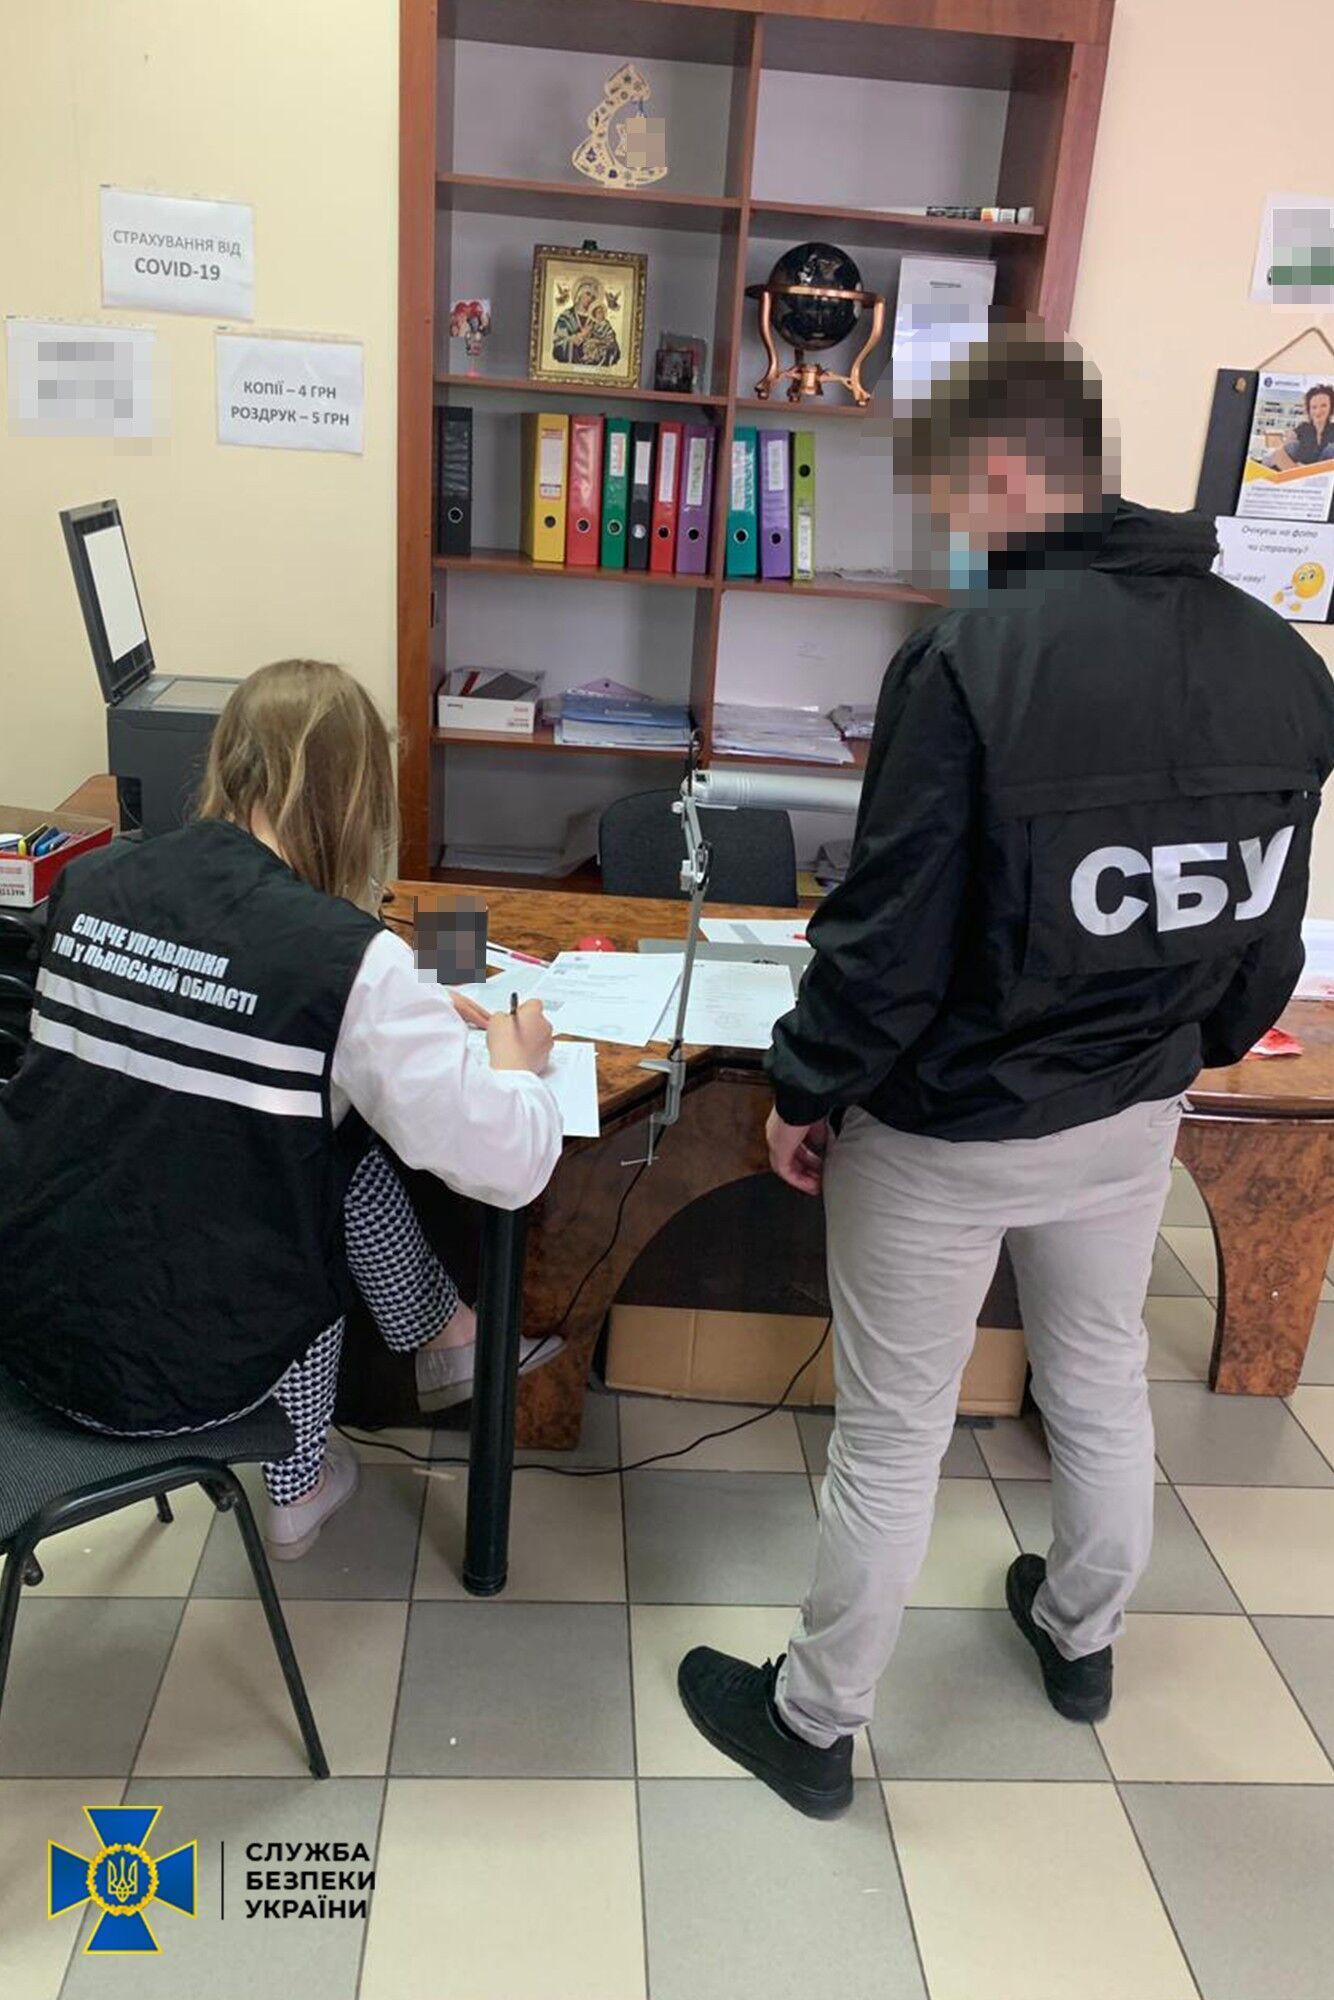 На Львівщині видавали фальшиві довідки тестів на COVID-19 – СБУ